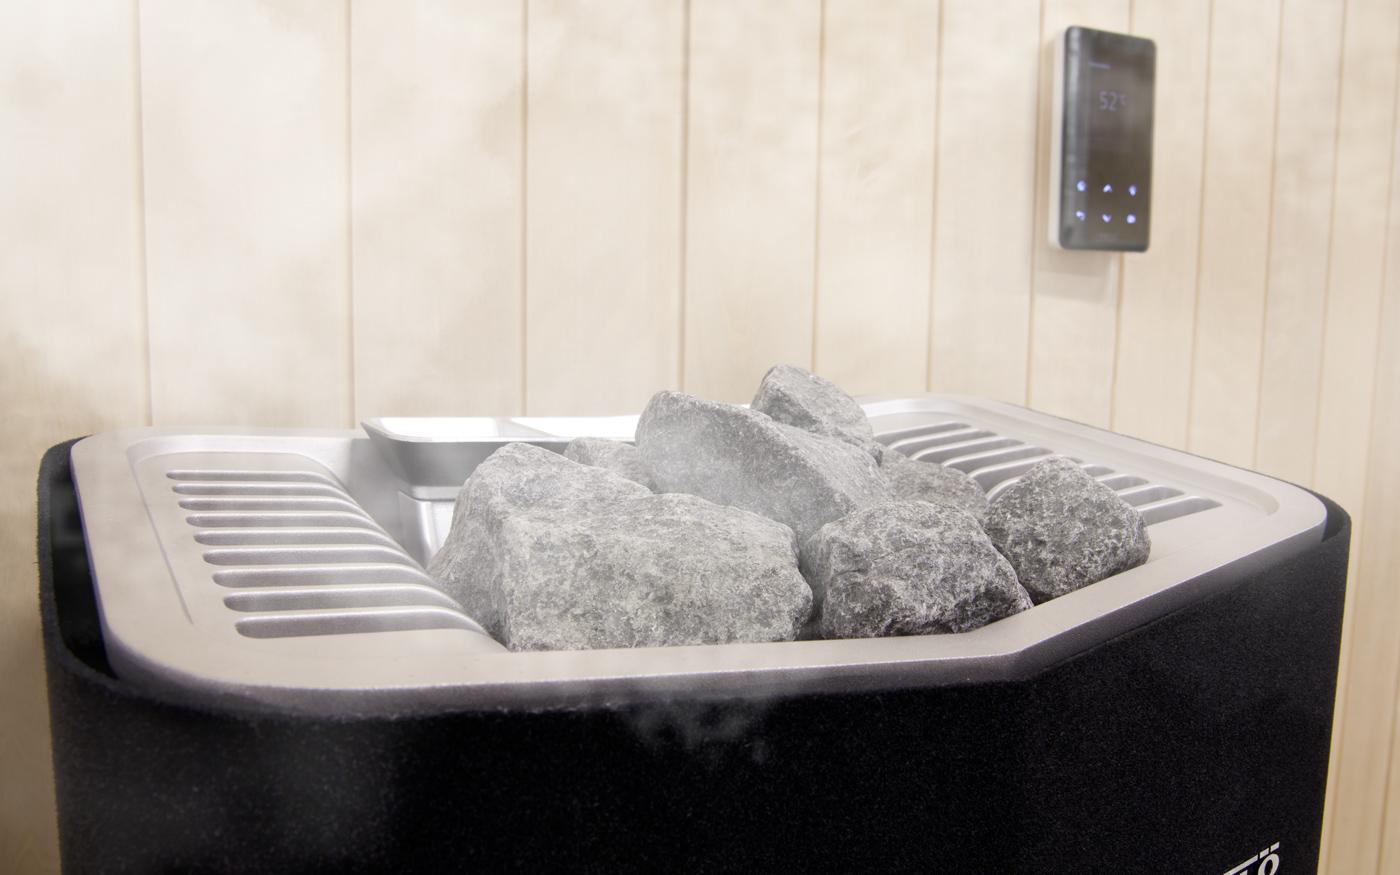 Cuptor electric MIXT pentru saune Wellness TYLO - Poza 4